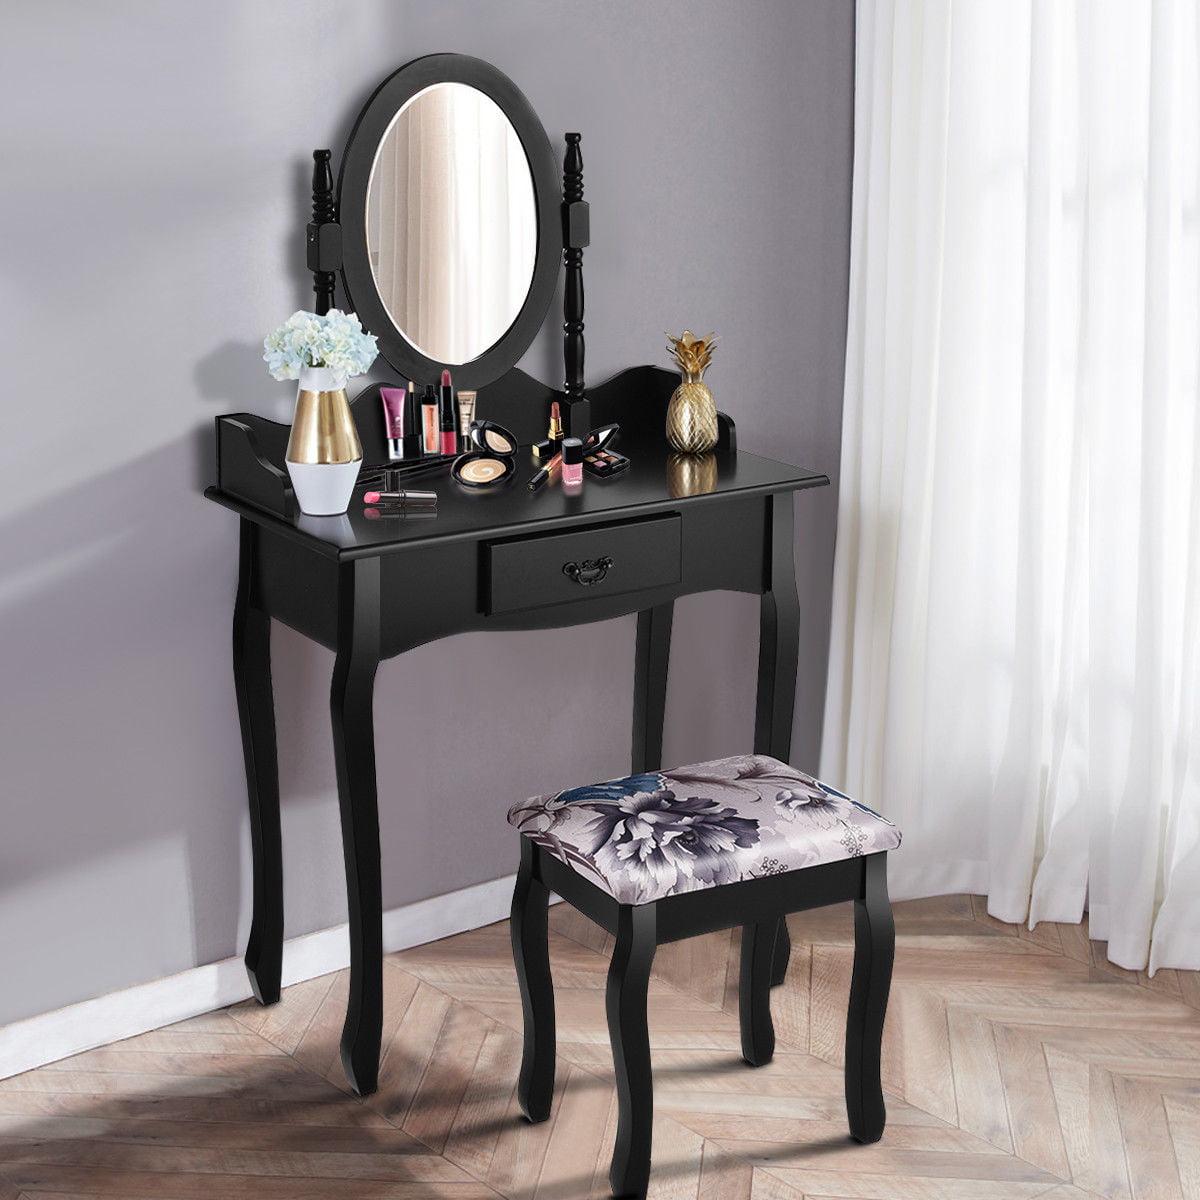 Costway Vanity Wood Makeup Dressing Table Stool Set Jewelry Desk bathroom W/ Drawer &Mirror Black